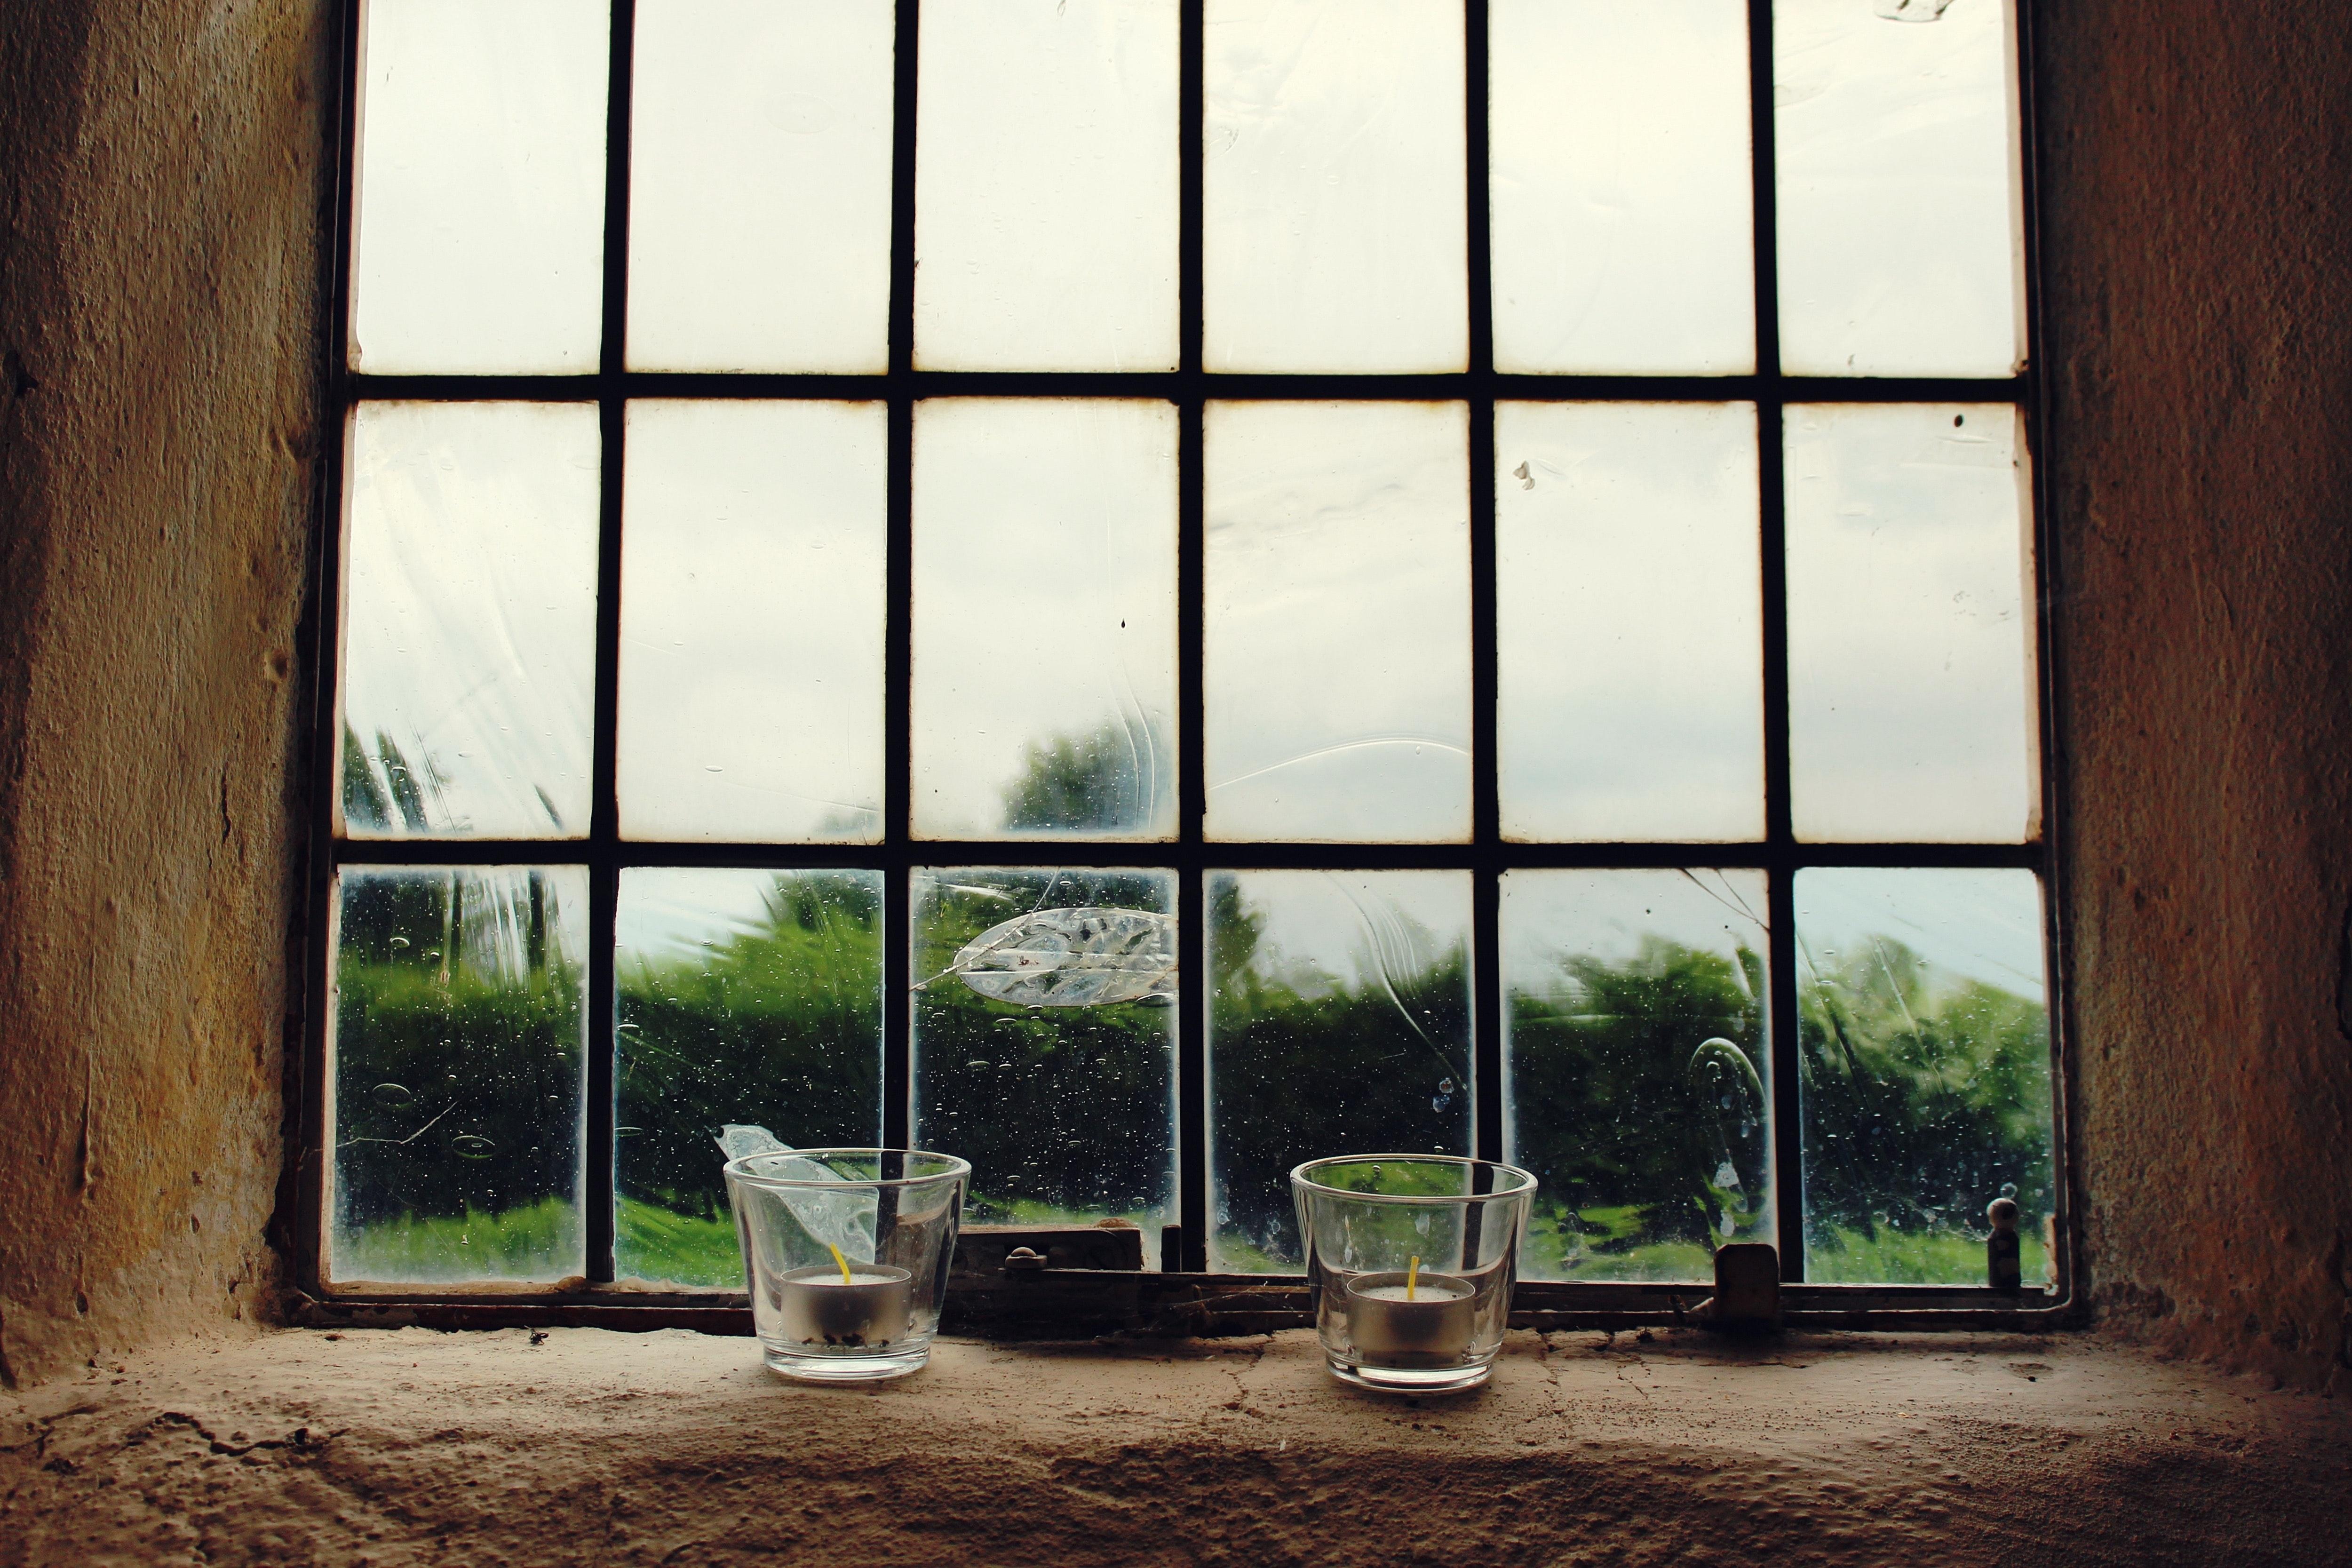 En fastmonteret glasvæg eller en New Yorker væg er en praktisk og elegant løsning